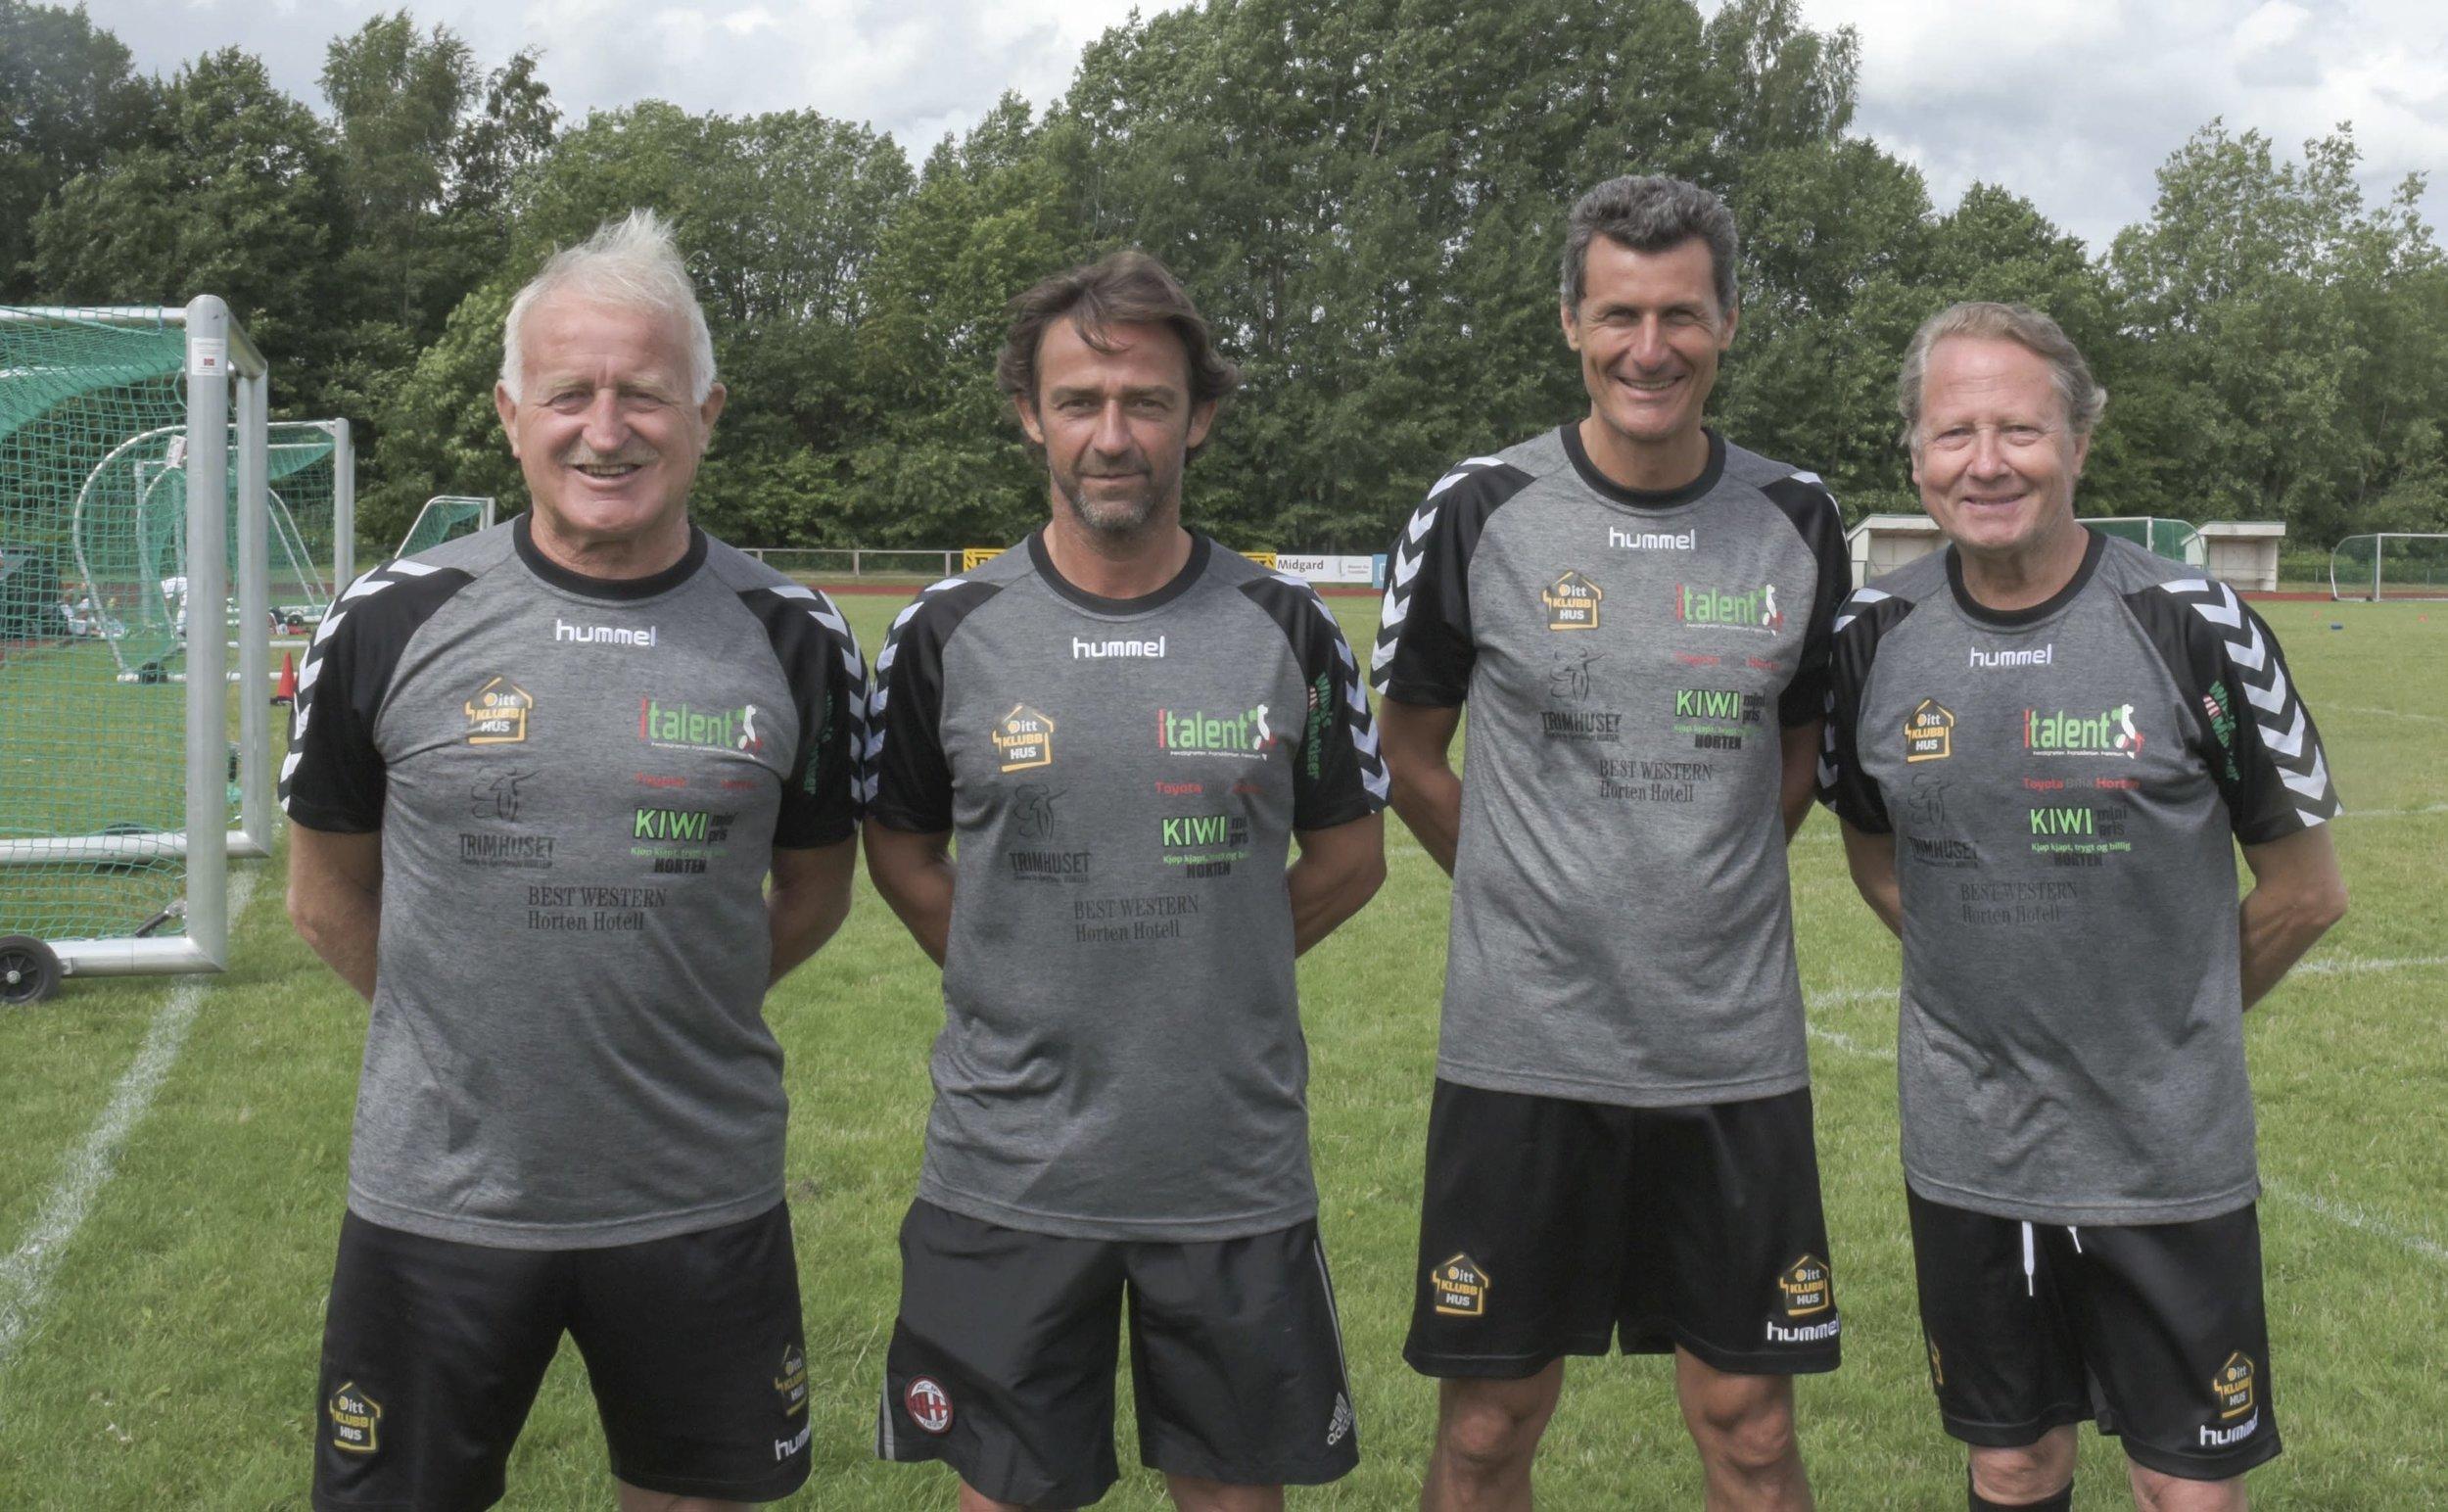 TØNSBERG BLAD(FEBRUAR 2015) - Siden 2006 har Morten Bredesen Føske vært involvert i AC Milan junior camp i Norge. Nå satser han på et eget fotballskole- konsept.